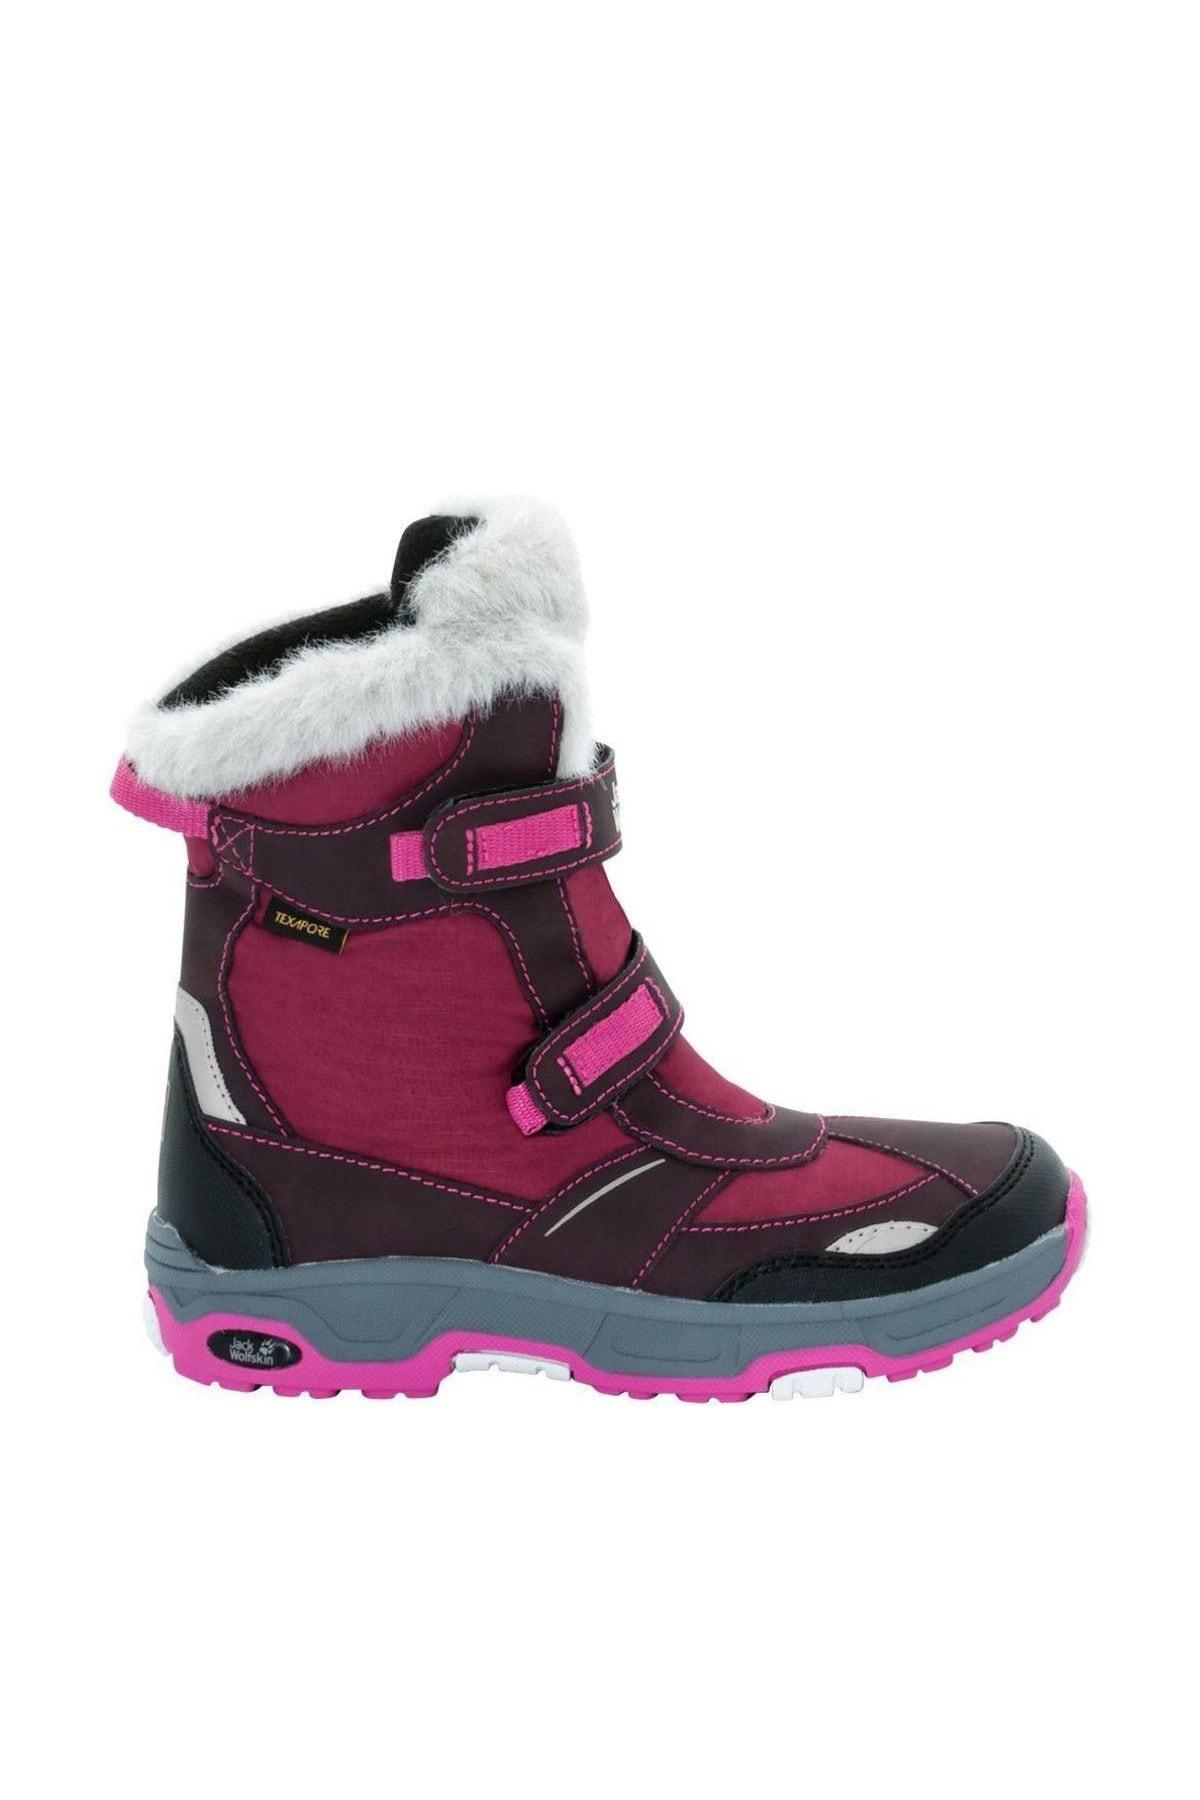 Jack Wolfskin Çocuk Outdoor Ayakkabı Girls Snow Flake 1